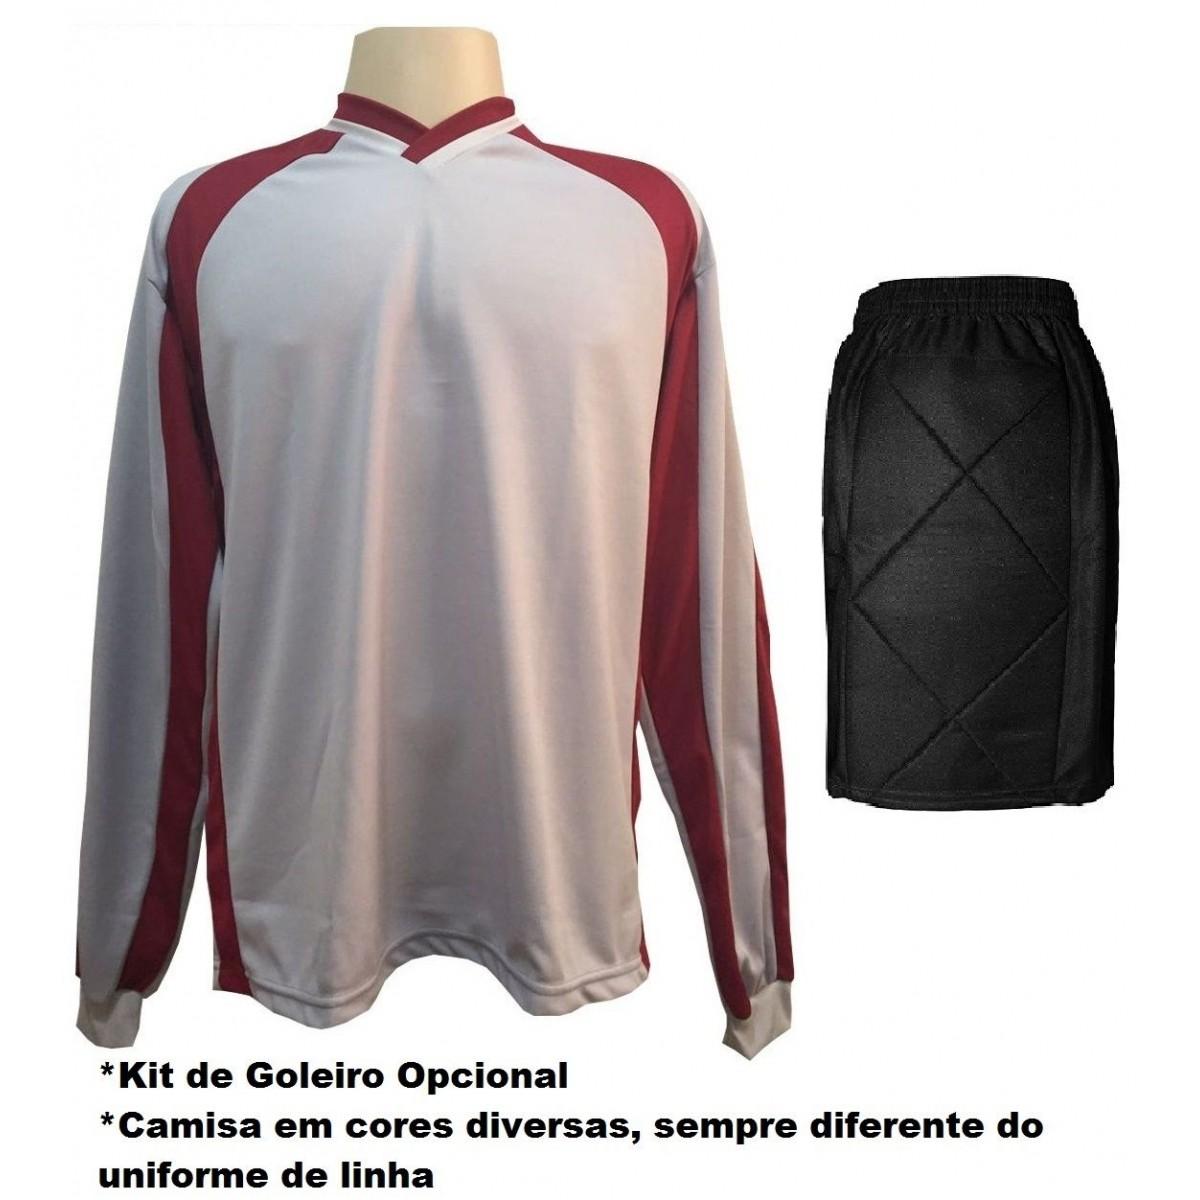 Uniforme Esportivo com 14 Camisas modelo Suécia Branco/Vermelho + 14 Calções modelo Madrid Branco + Brindes